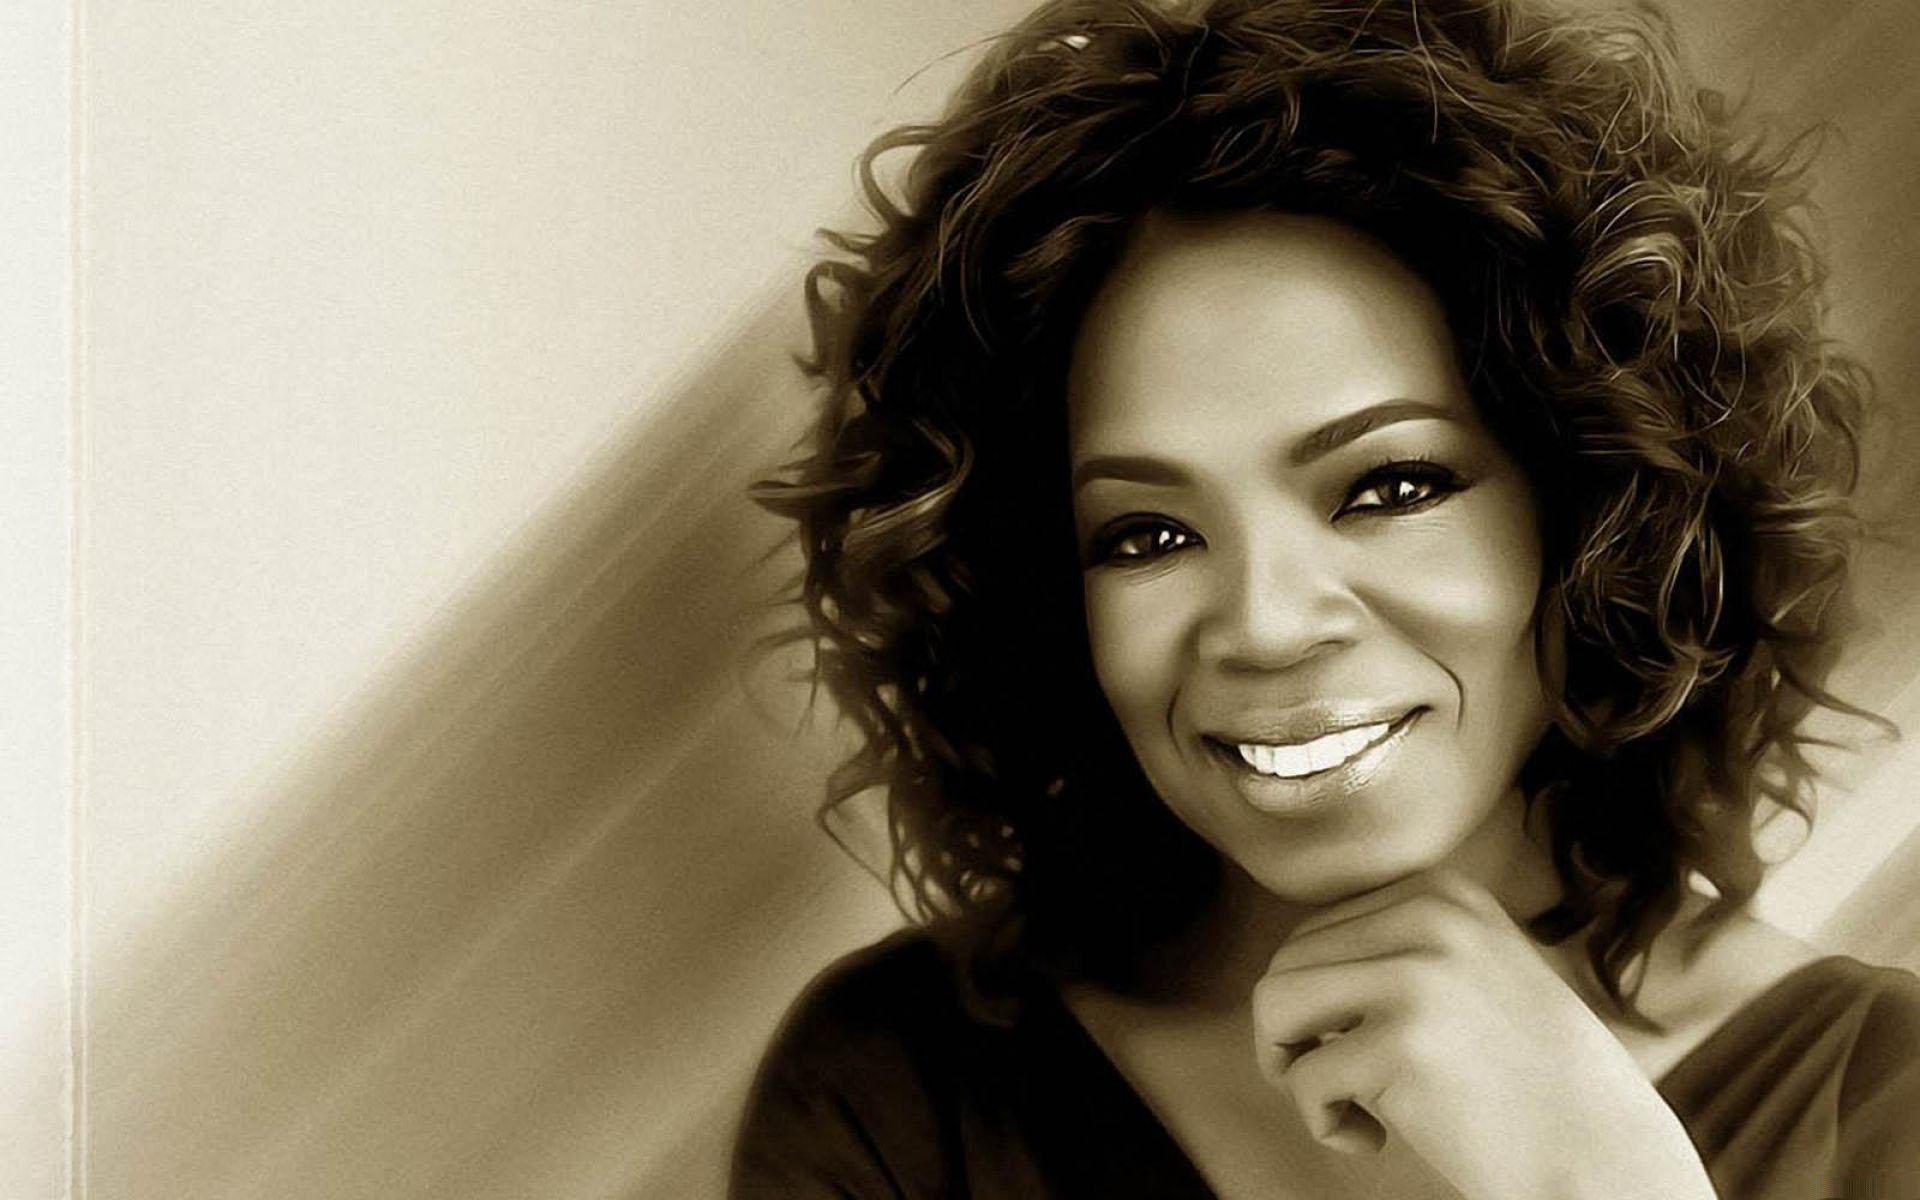 oprah winfrey smile wallpaper 70388